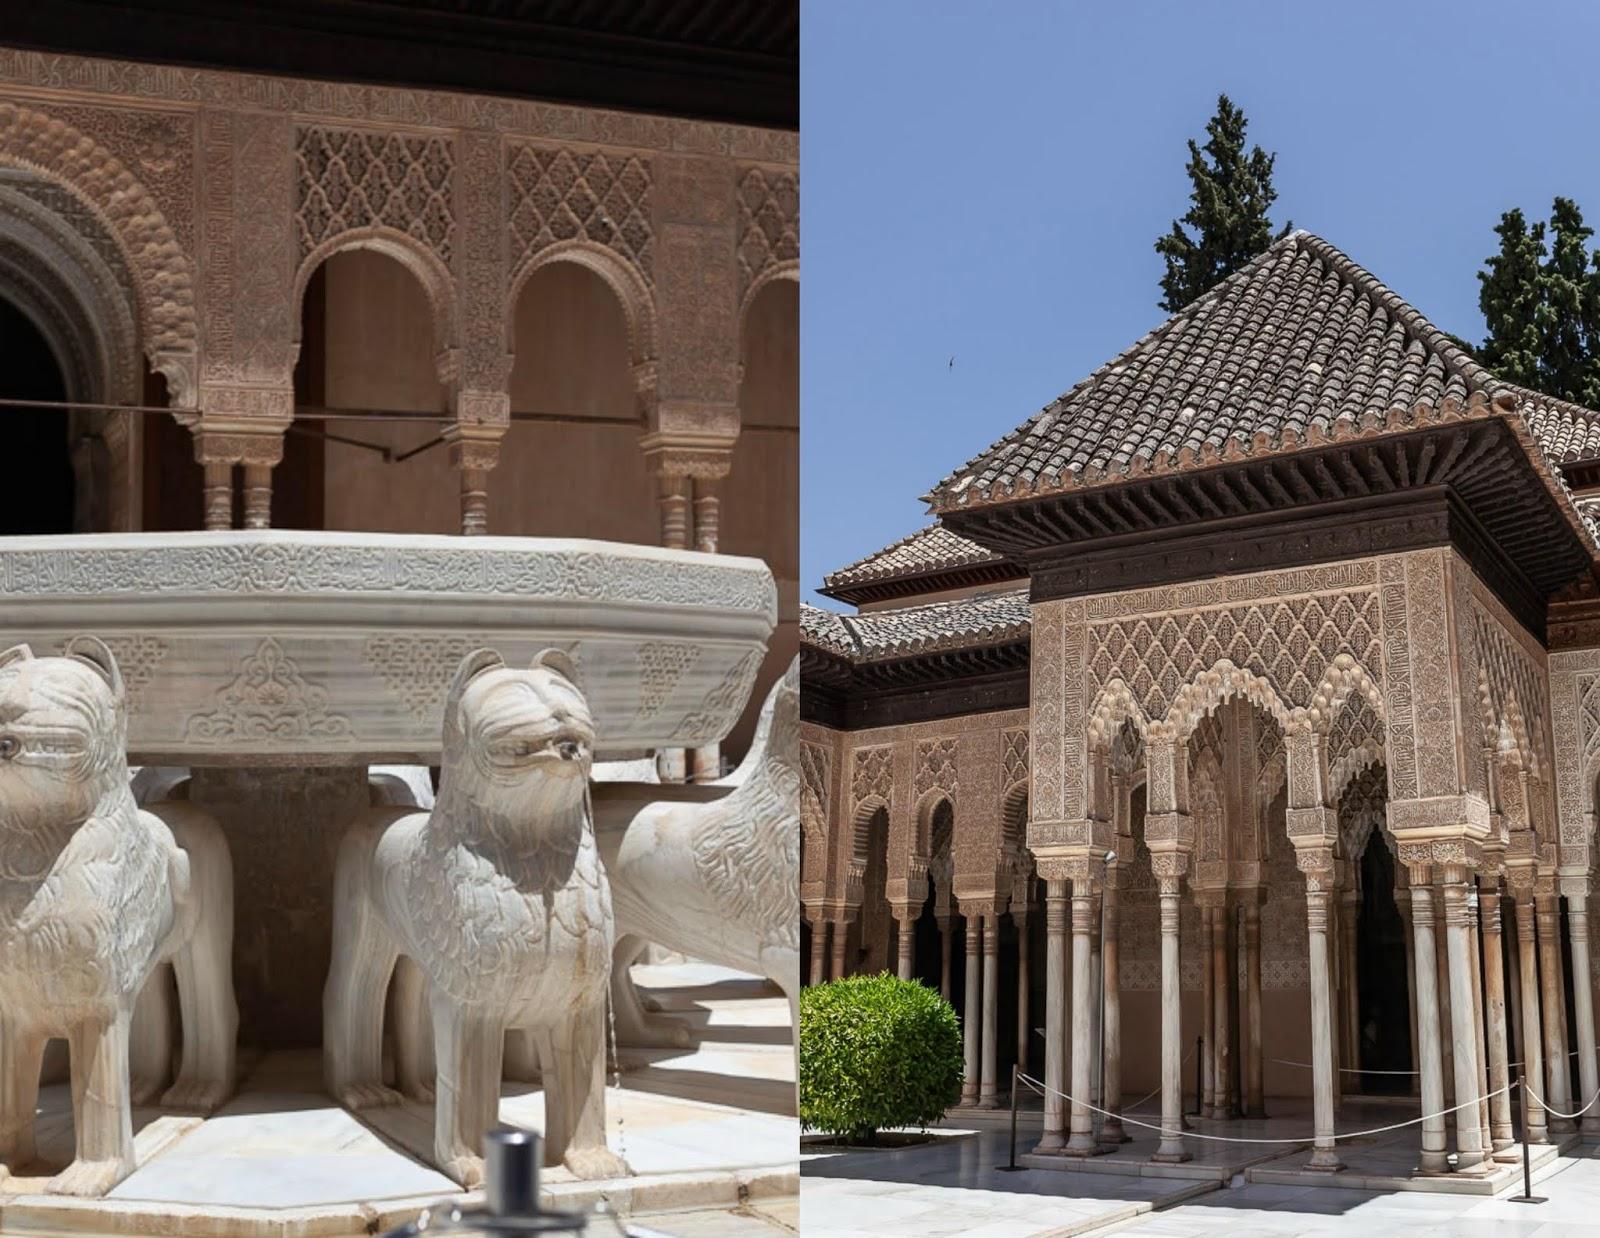 Patio de los Leones in Alhambra